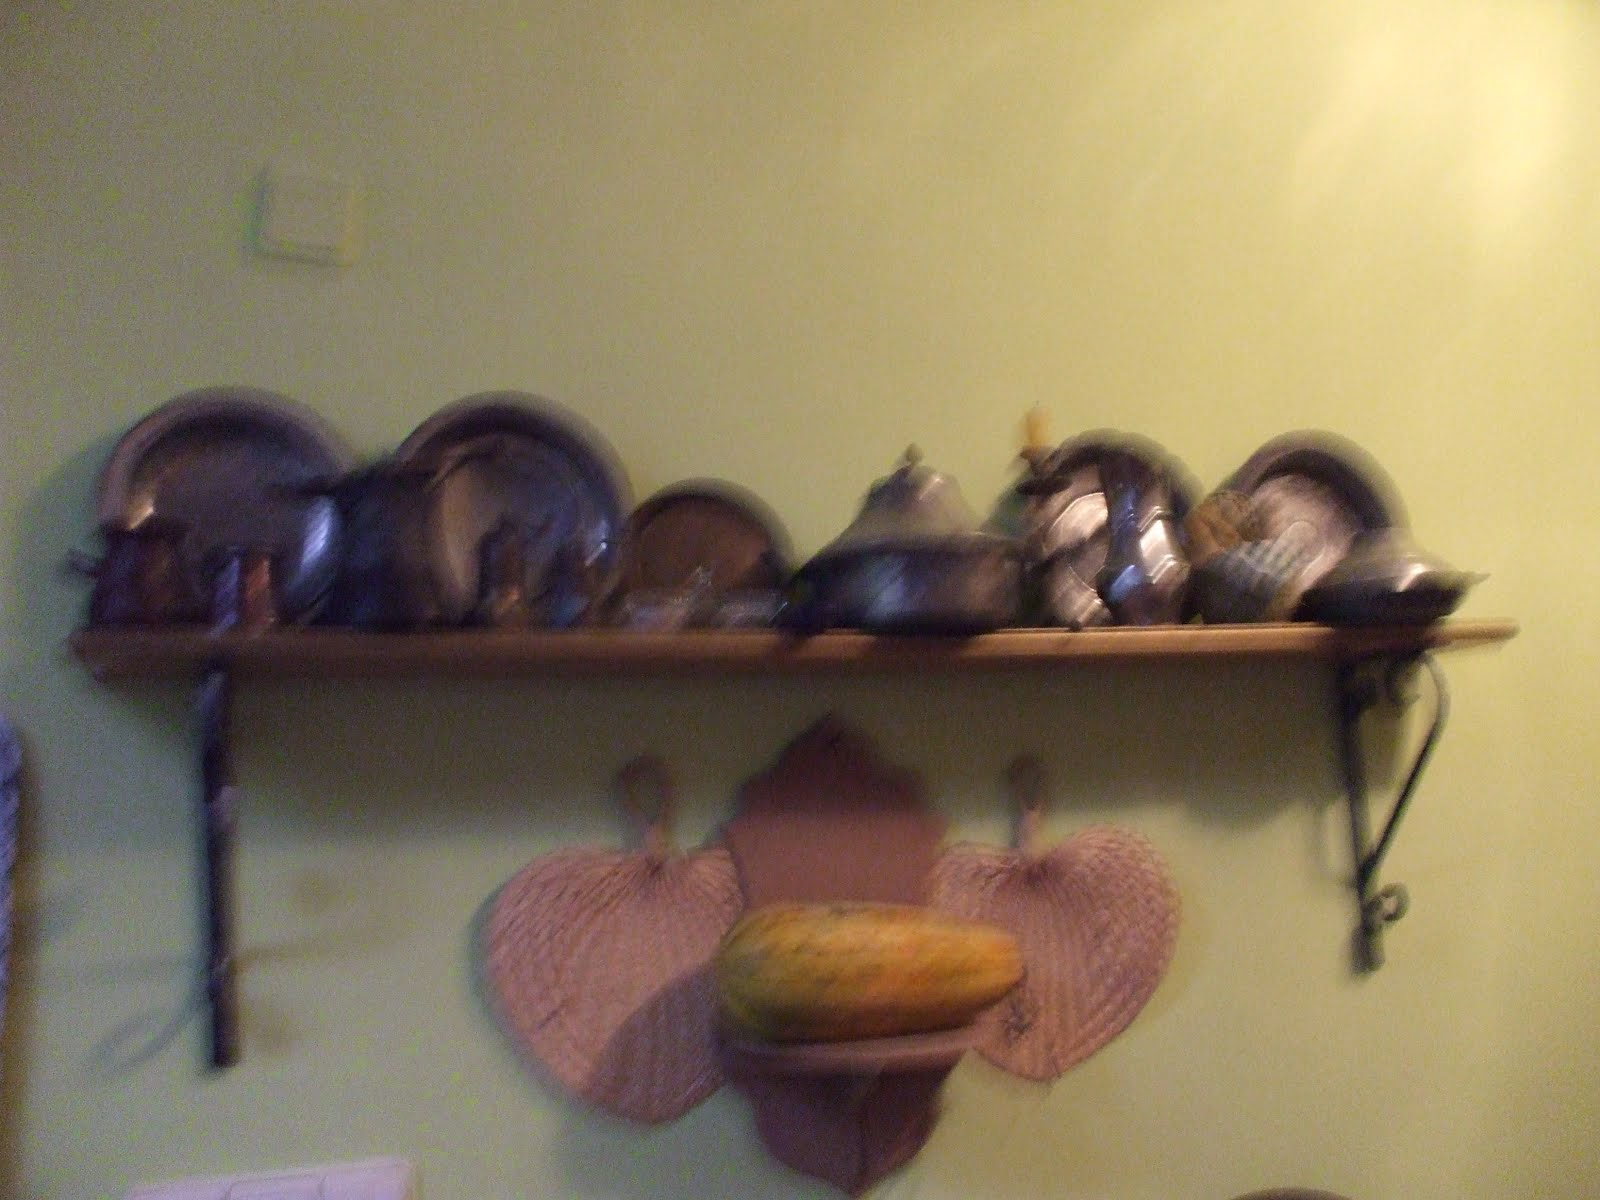 Mutfağımdan bir kare